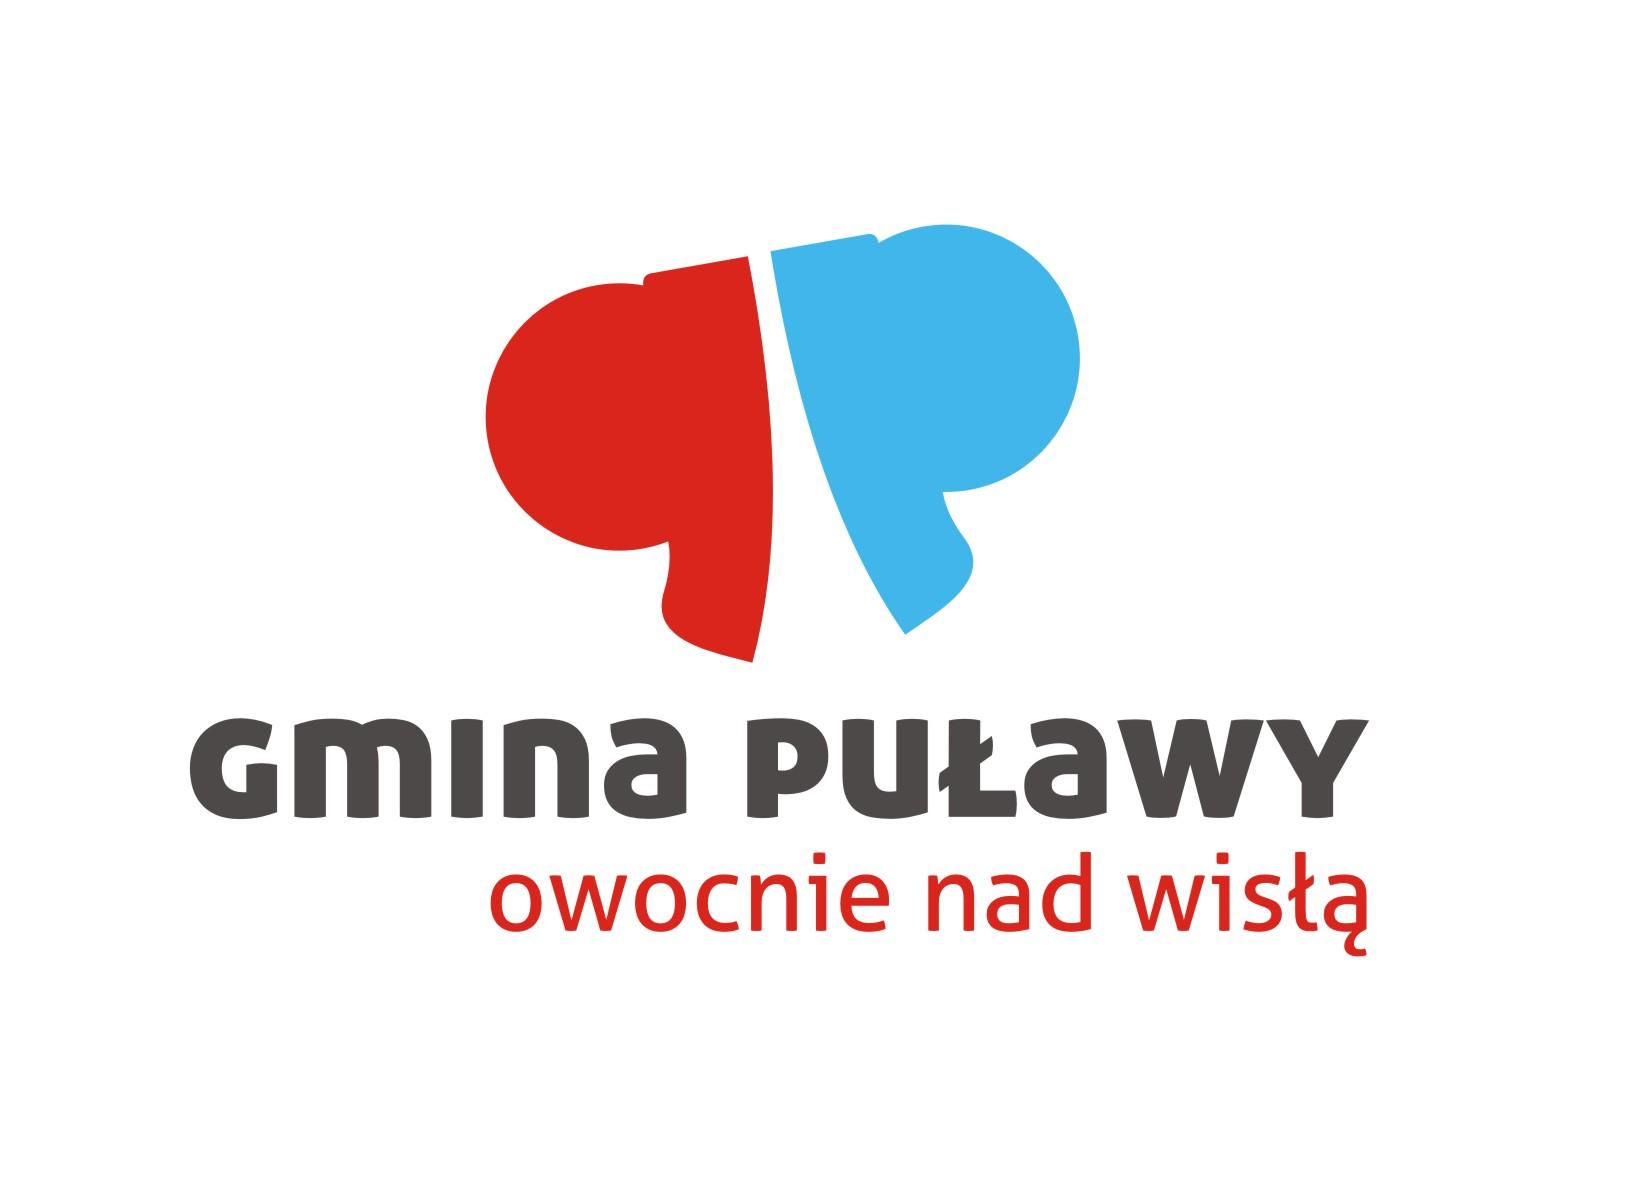 http://www.gpgolab.szkolnastrona.pl/container/////logo_gminy_pulawy.jpg